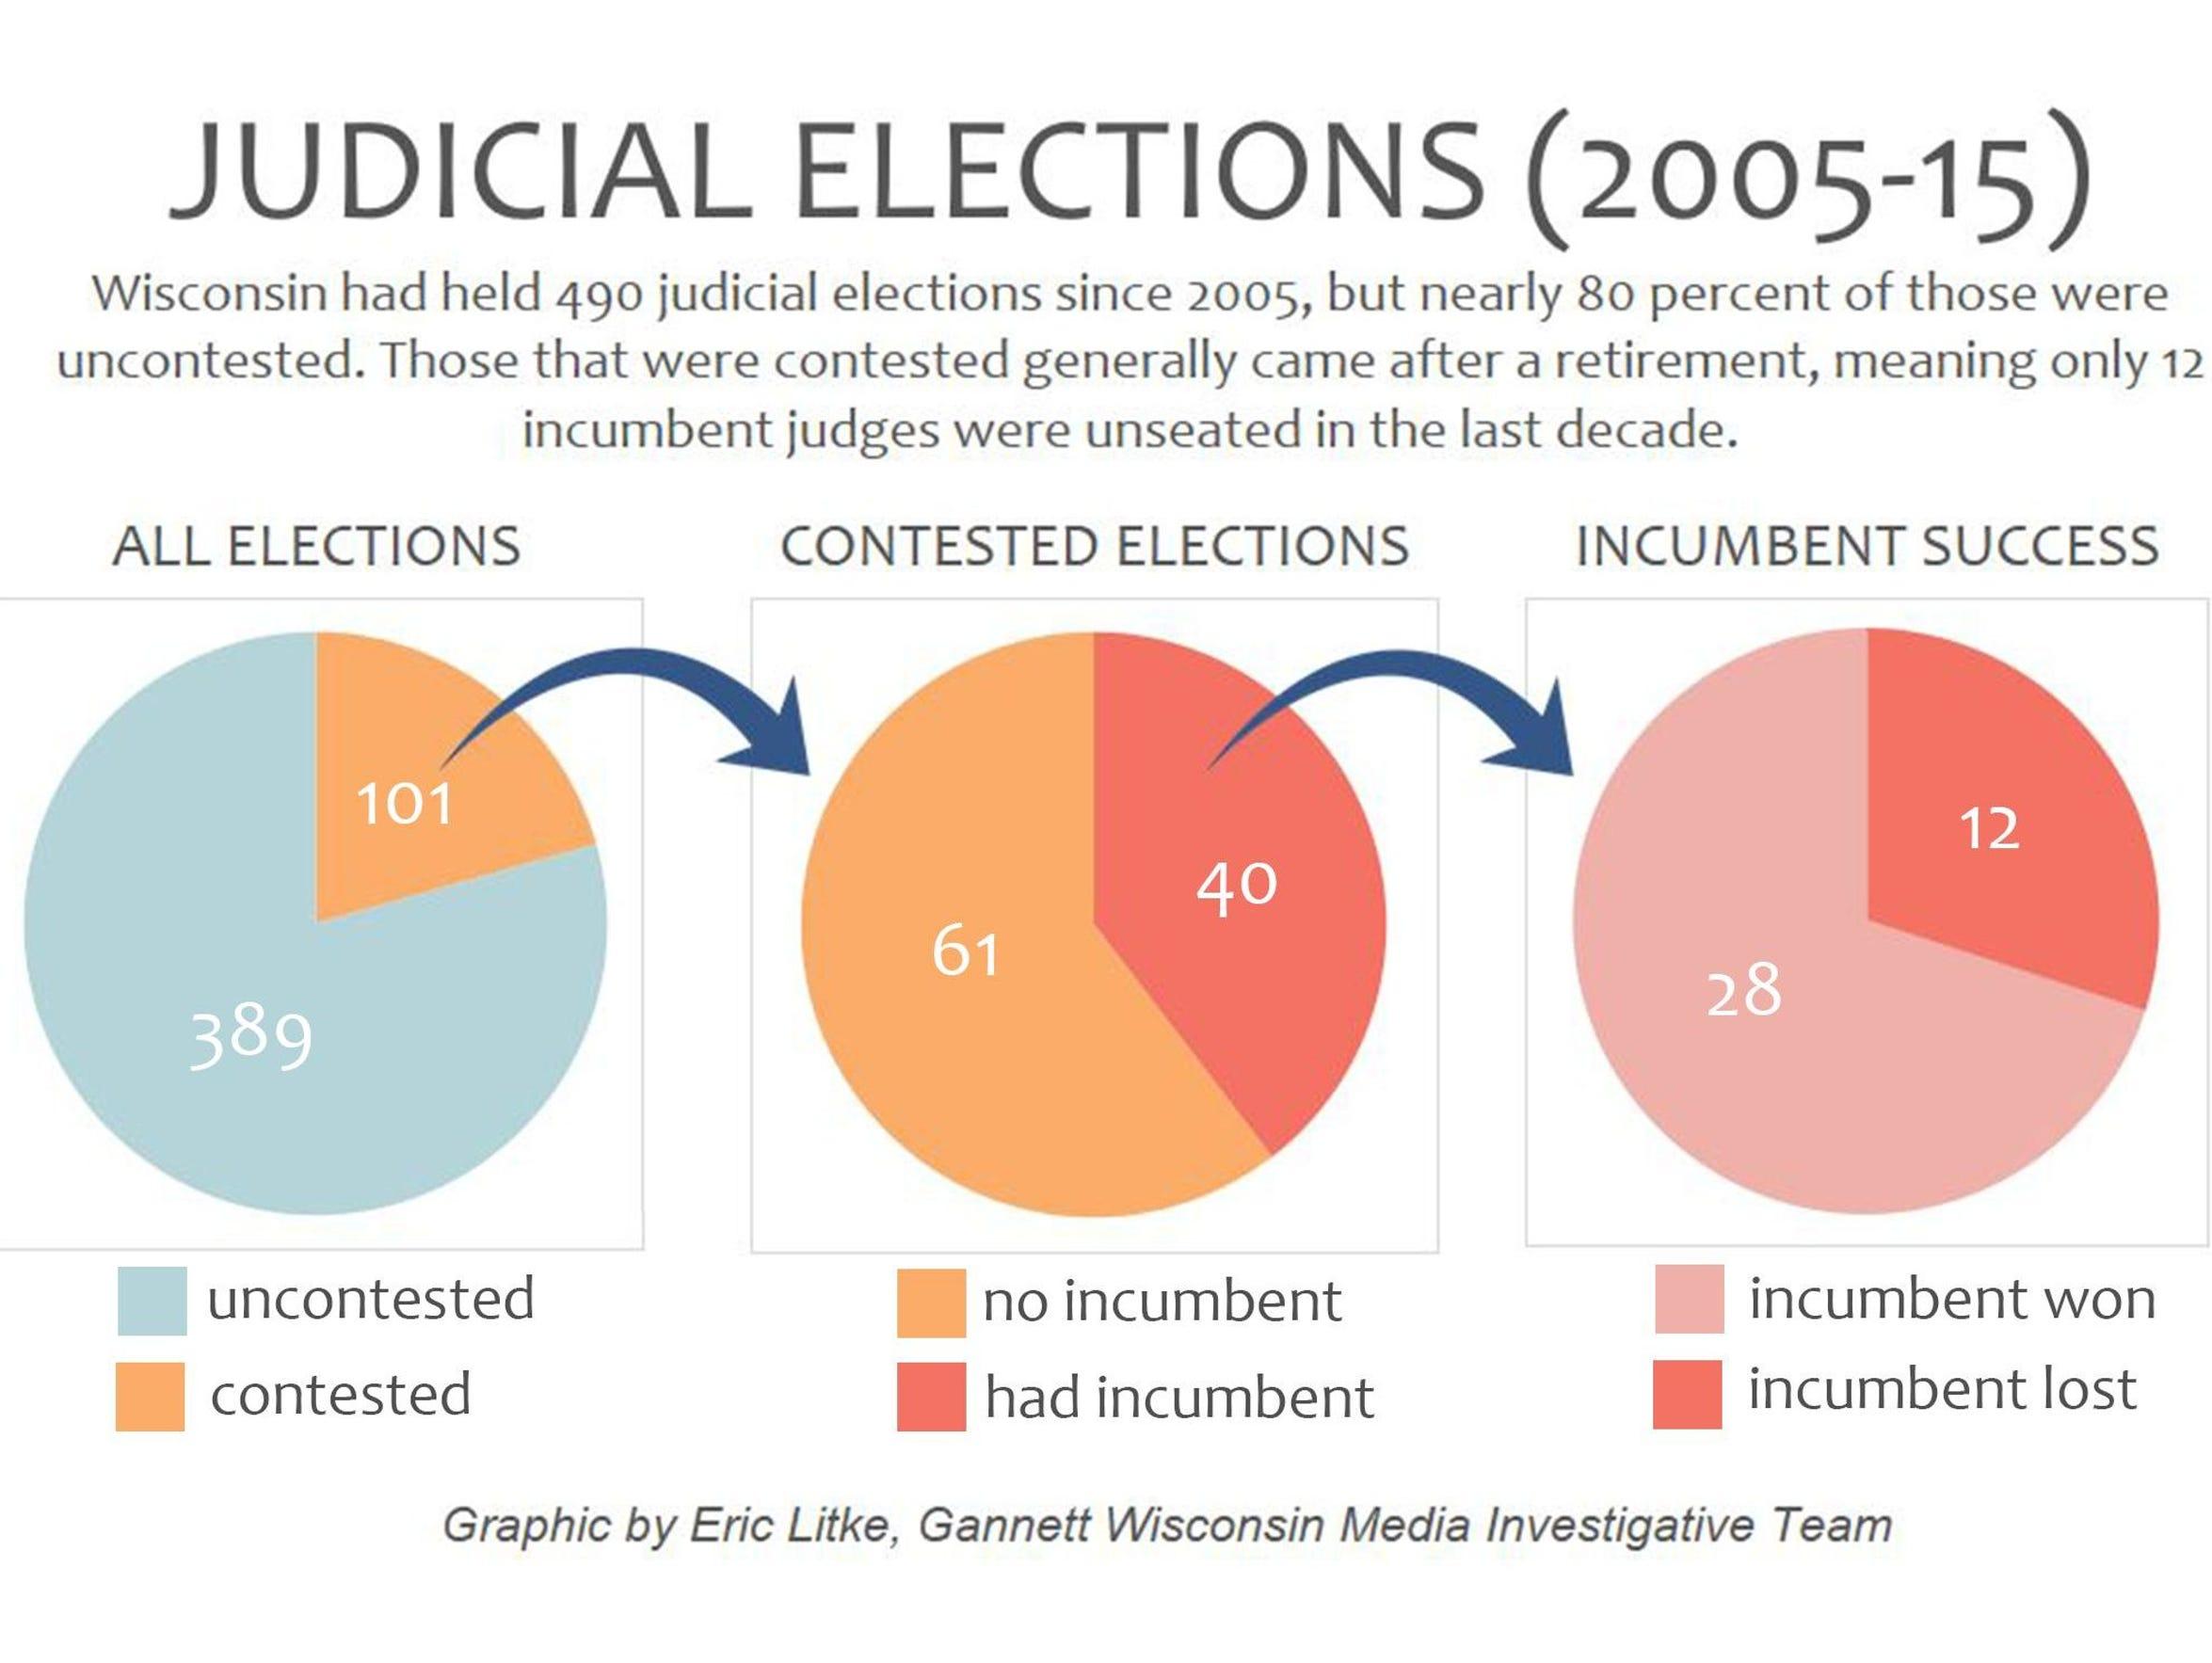 Judicial elections (2005-15)